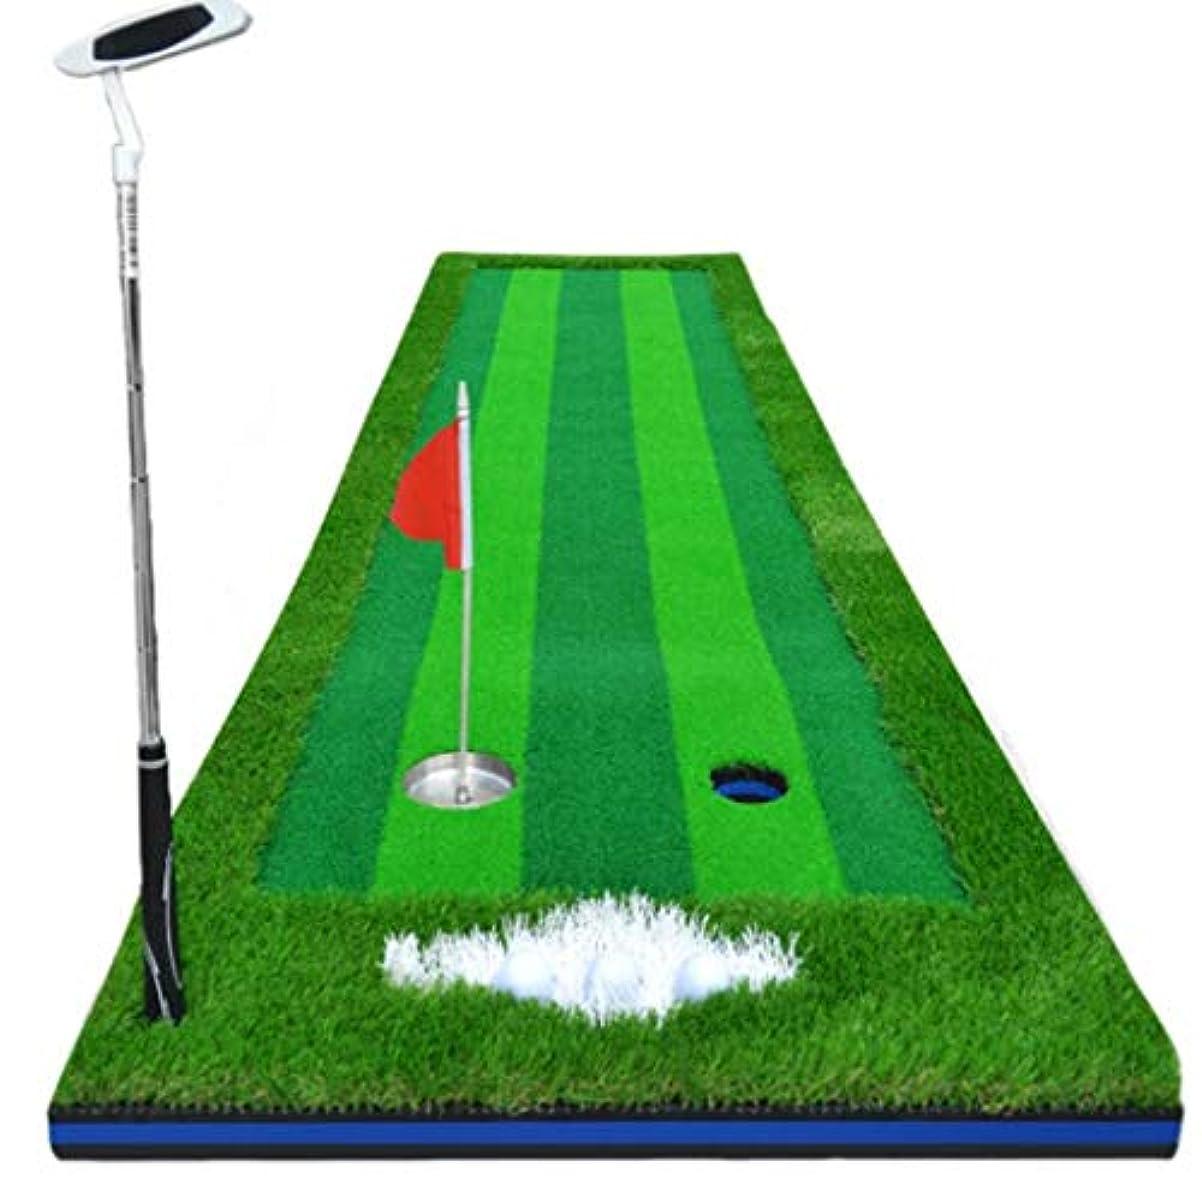 手伝う自発日付エクサシミュレーショングリーン、ゴルフ屋内パッティンググリーンマルチレーンシミュレーション人工パッティンググリーンゴルフストライクマットインドアゴルフグリーン(ギフトアクセサリー) (Color : Green, Size : B)